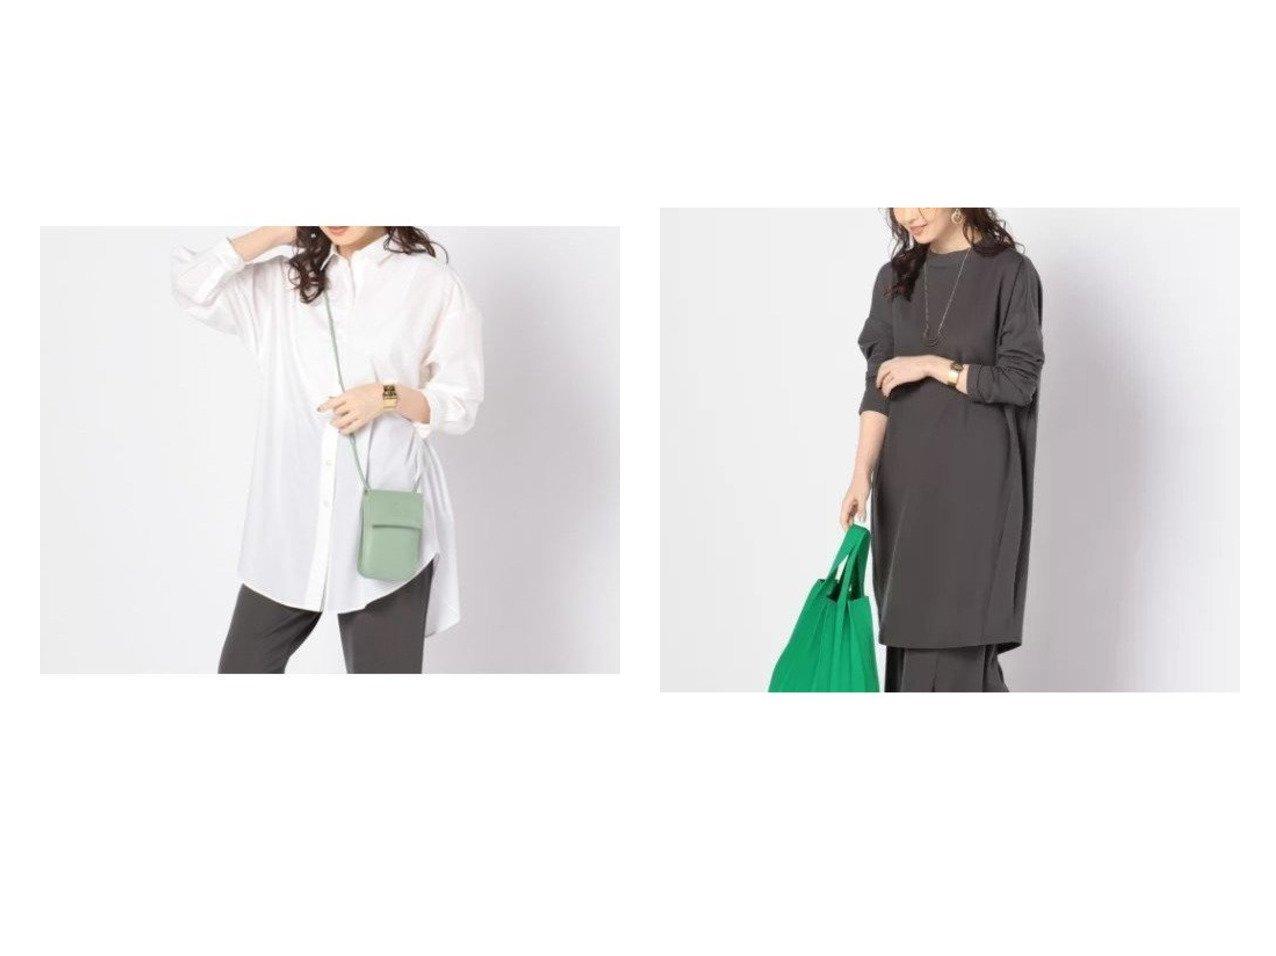 【NOLLEY'S/ノーリーズ】のボリュームロングシャツ&ハイネックバックドレープチュニック NOLLEY'Sのおすすめ!人気、トレンド・レディースファッションの通販 おすすめで人気の流行・トレンド、ファッションの通販商品 メンズファッション・キッズファッション・インテリア・家具・レディースファッション・服の通販 founy(ファニー) https://founy.com/ ファッション Fashion レディースファッション WOMEN トップス Tops Tshirt シャツ/ブラウス Shirts Blouses ロング / Tシャツ T-Shirts カットソー Cut and Sewn シンプル リラックス ロング 今季 長袖 |ID:crp329100000017937